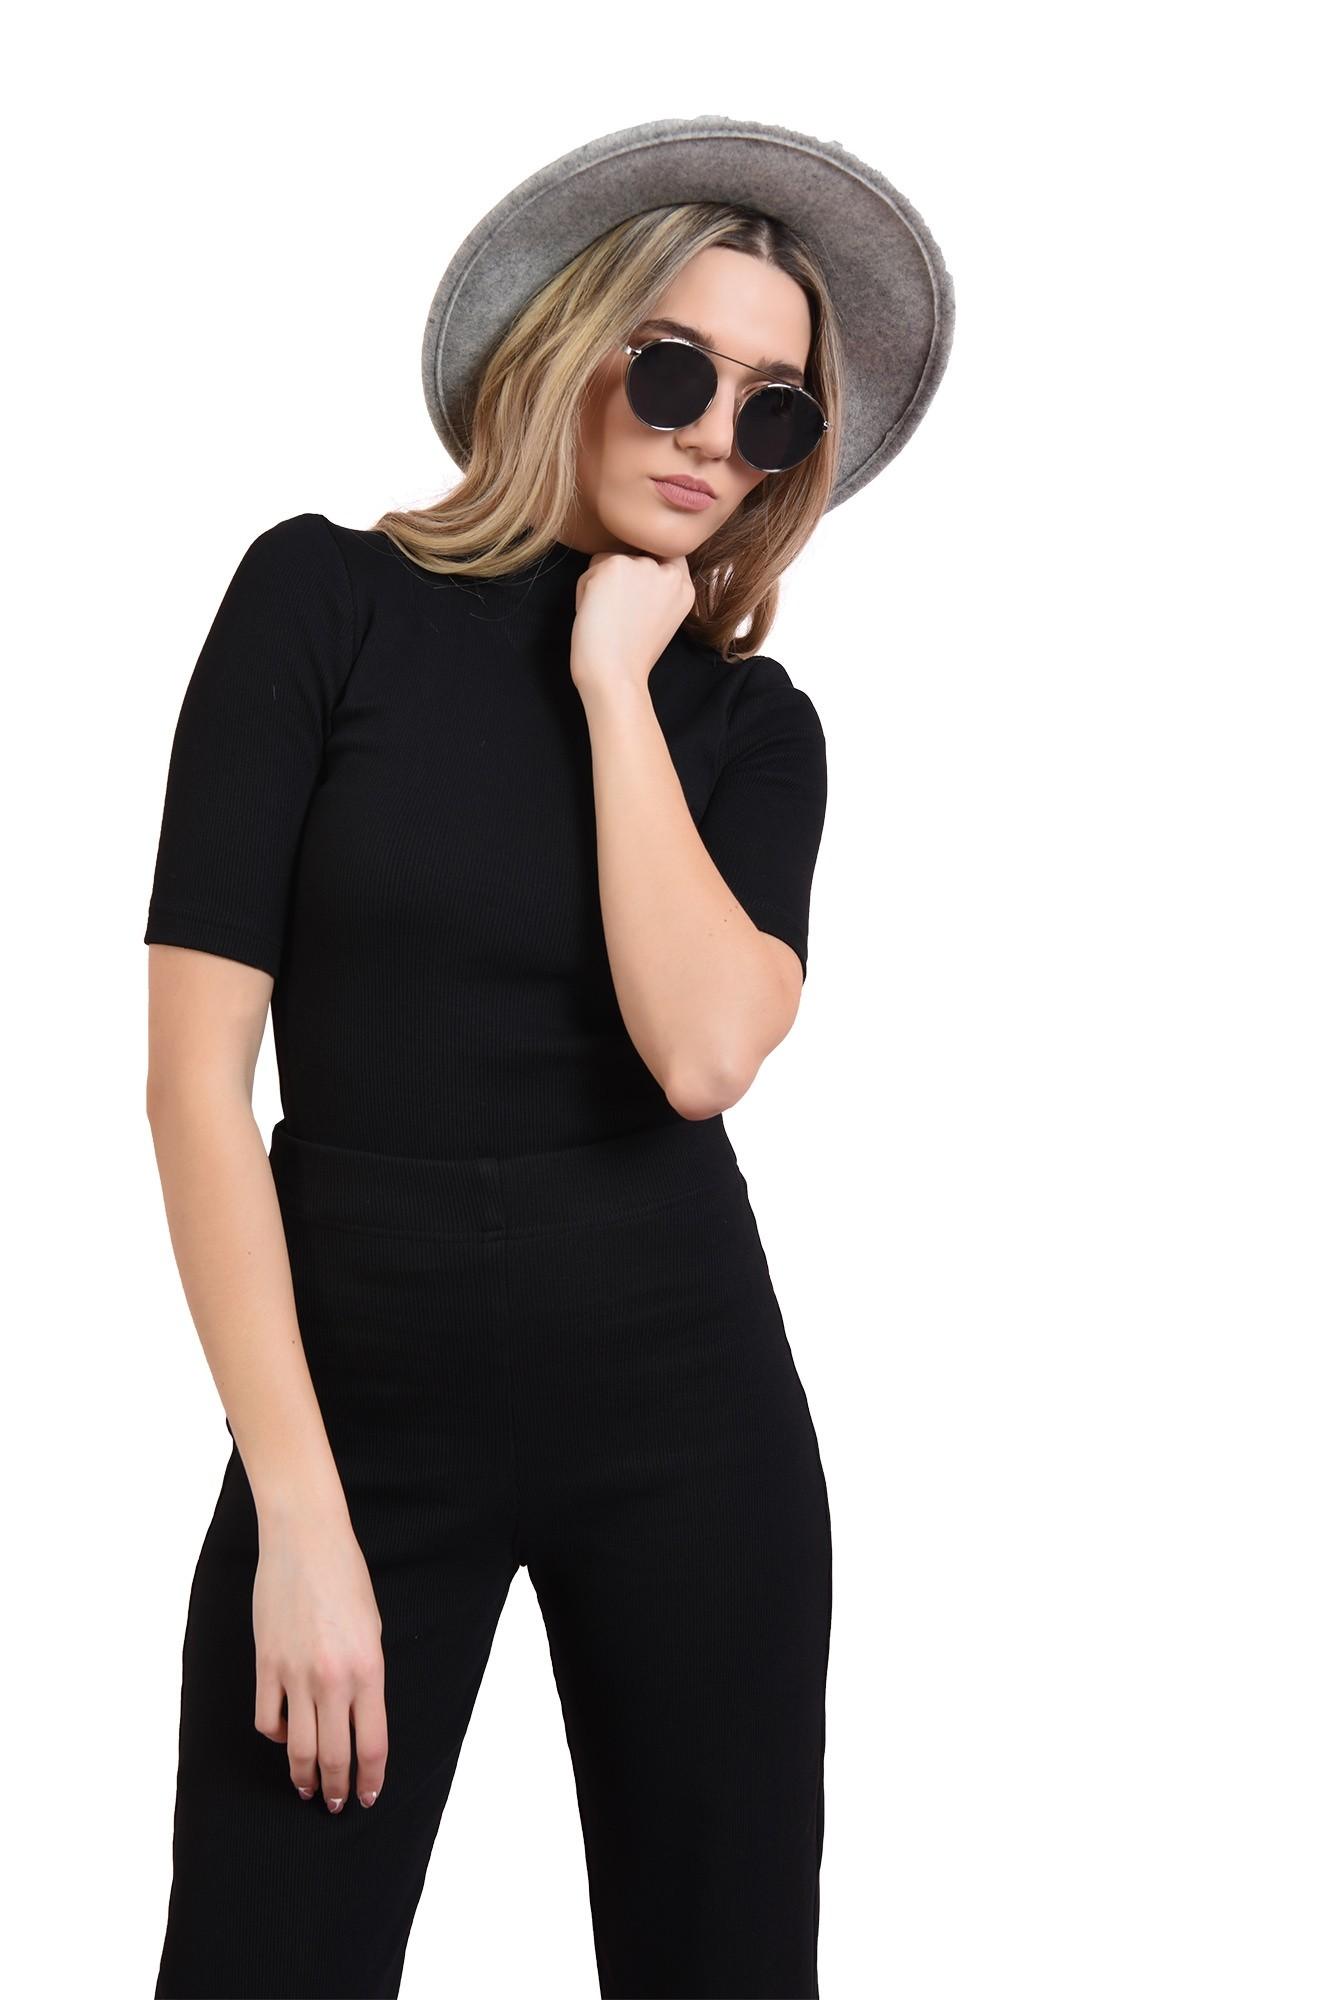 3 - bluza casual, neagra, cu guler, Poema